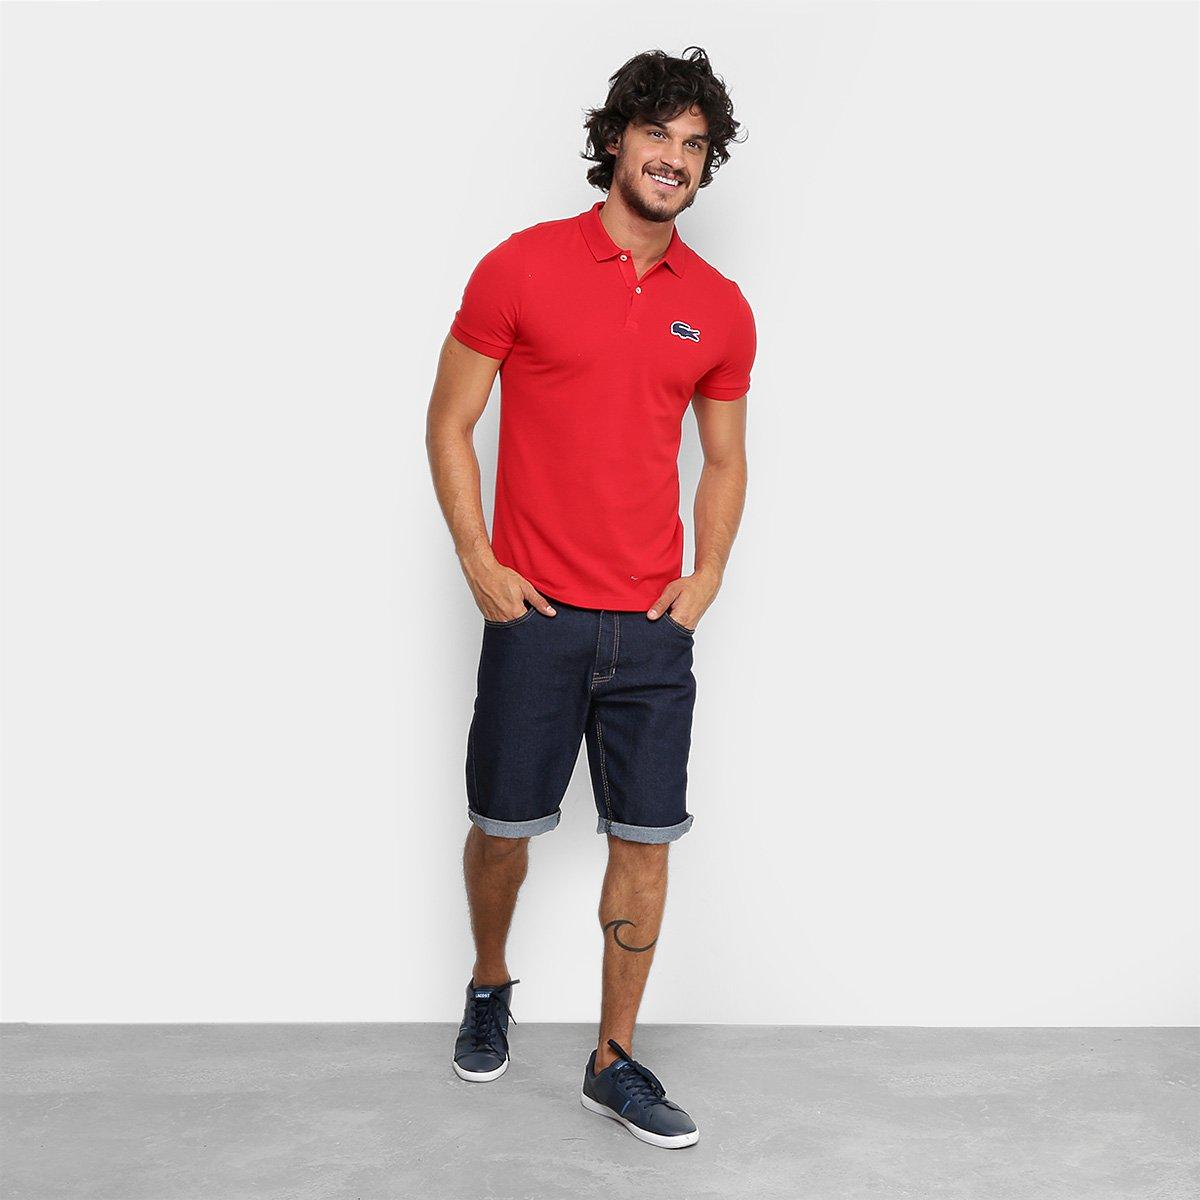 ebe3ed6719 Camisa Polo Lacoste Live Piquet Masculina - Compre Agora